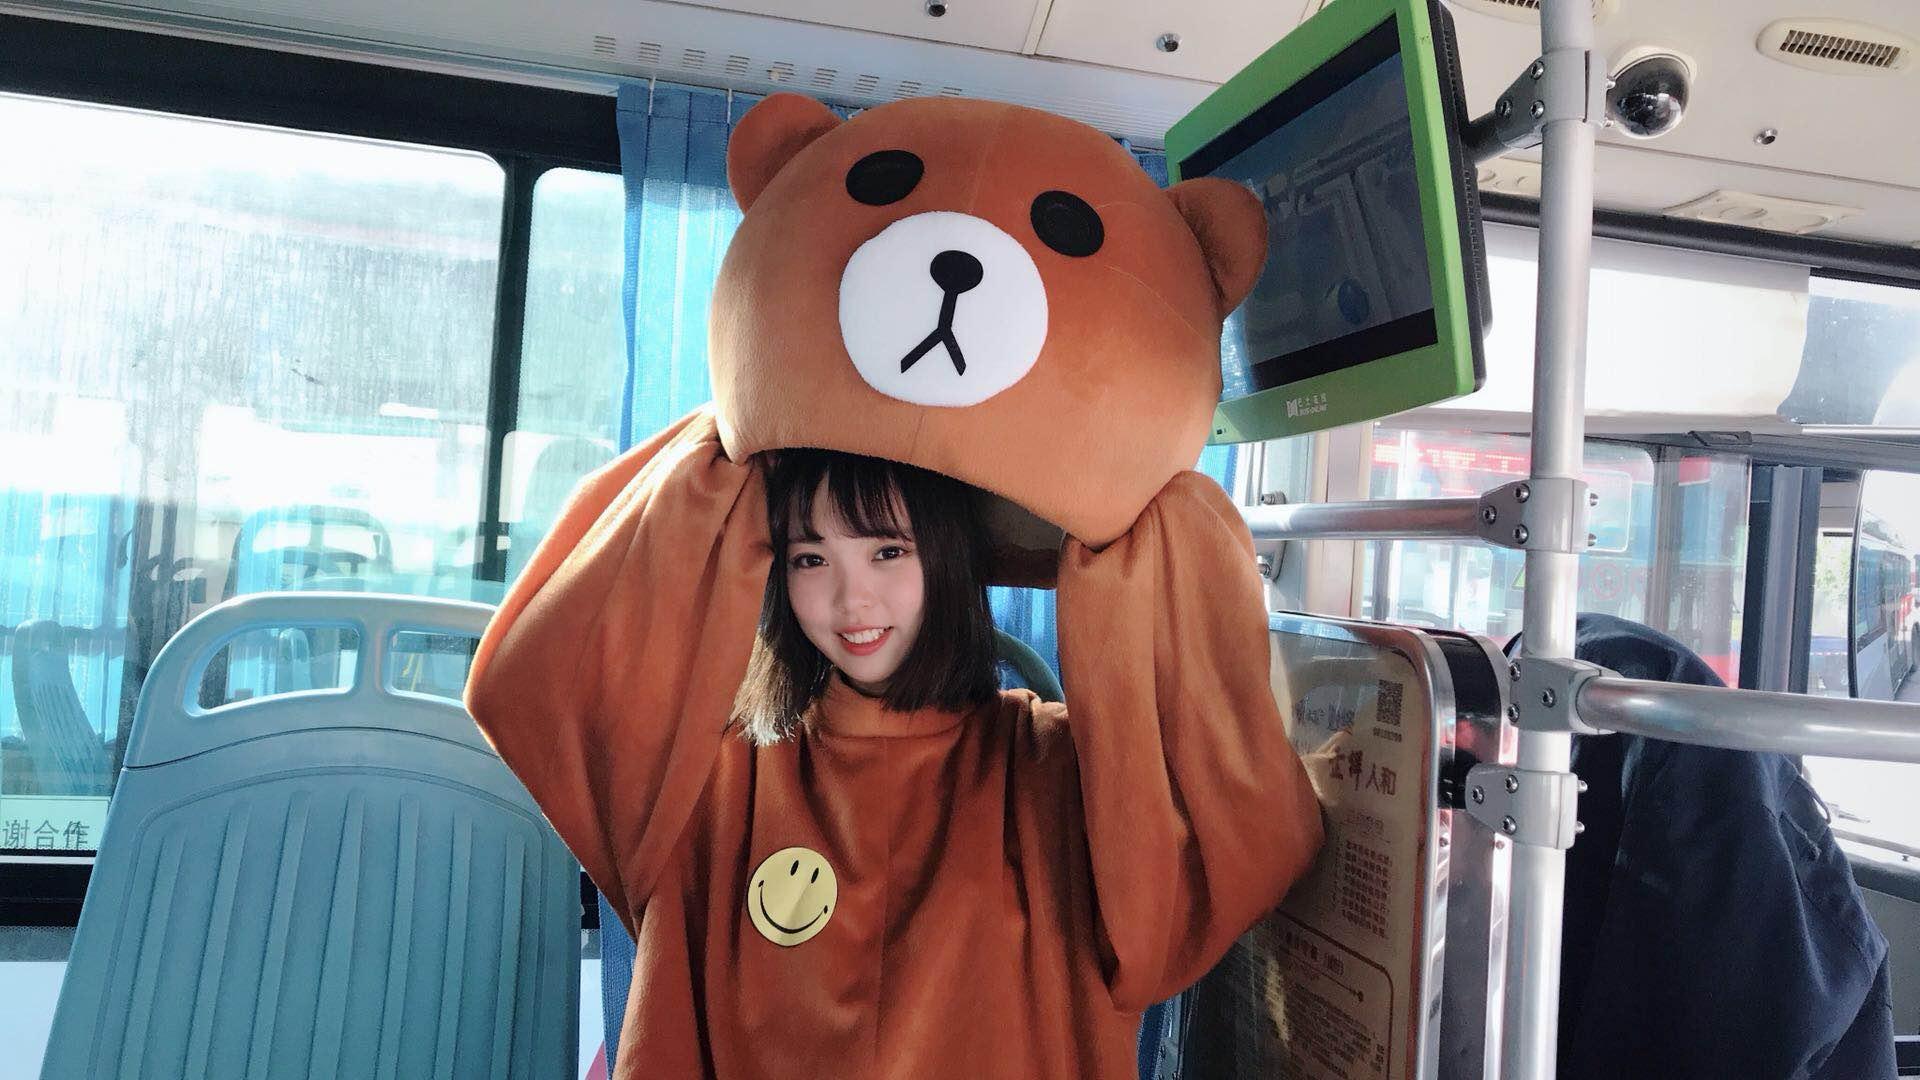 频】世界v世界日,网红熊上公交邀你一起笑大全的搞笑图片爪鸡图片